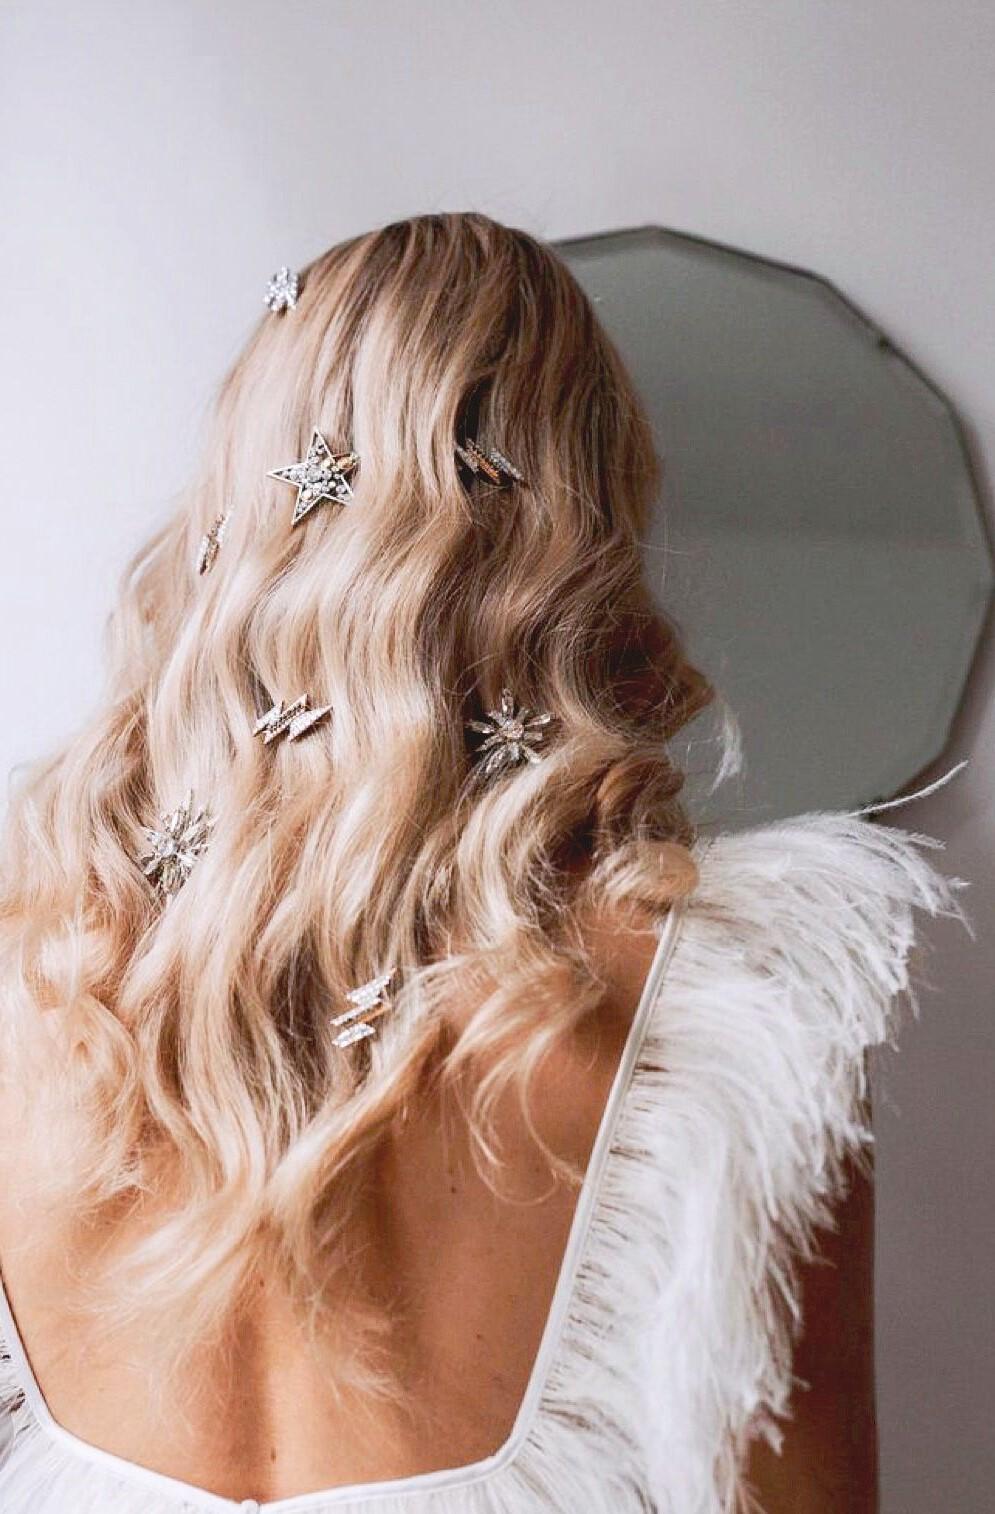 Coiffures sur Pinterest: cheveux ondulés.